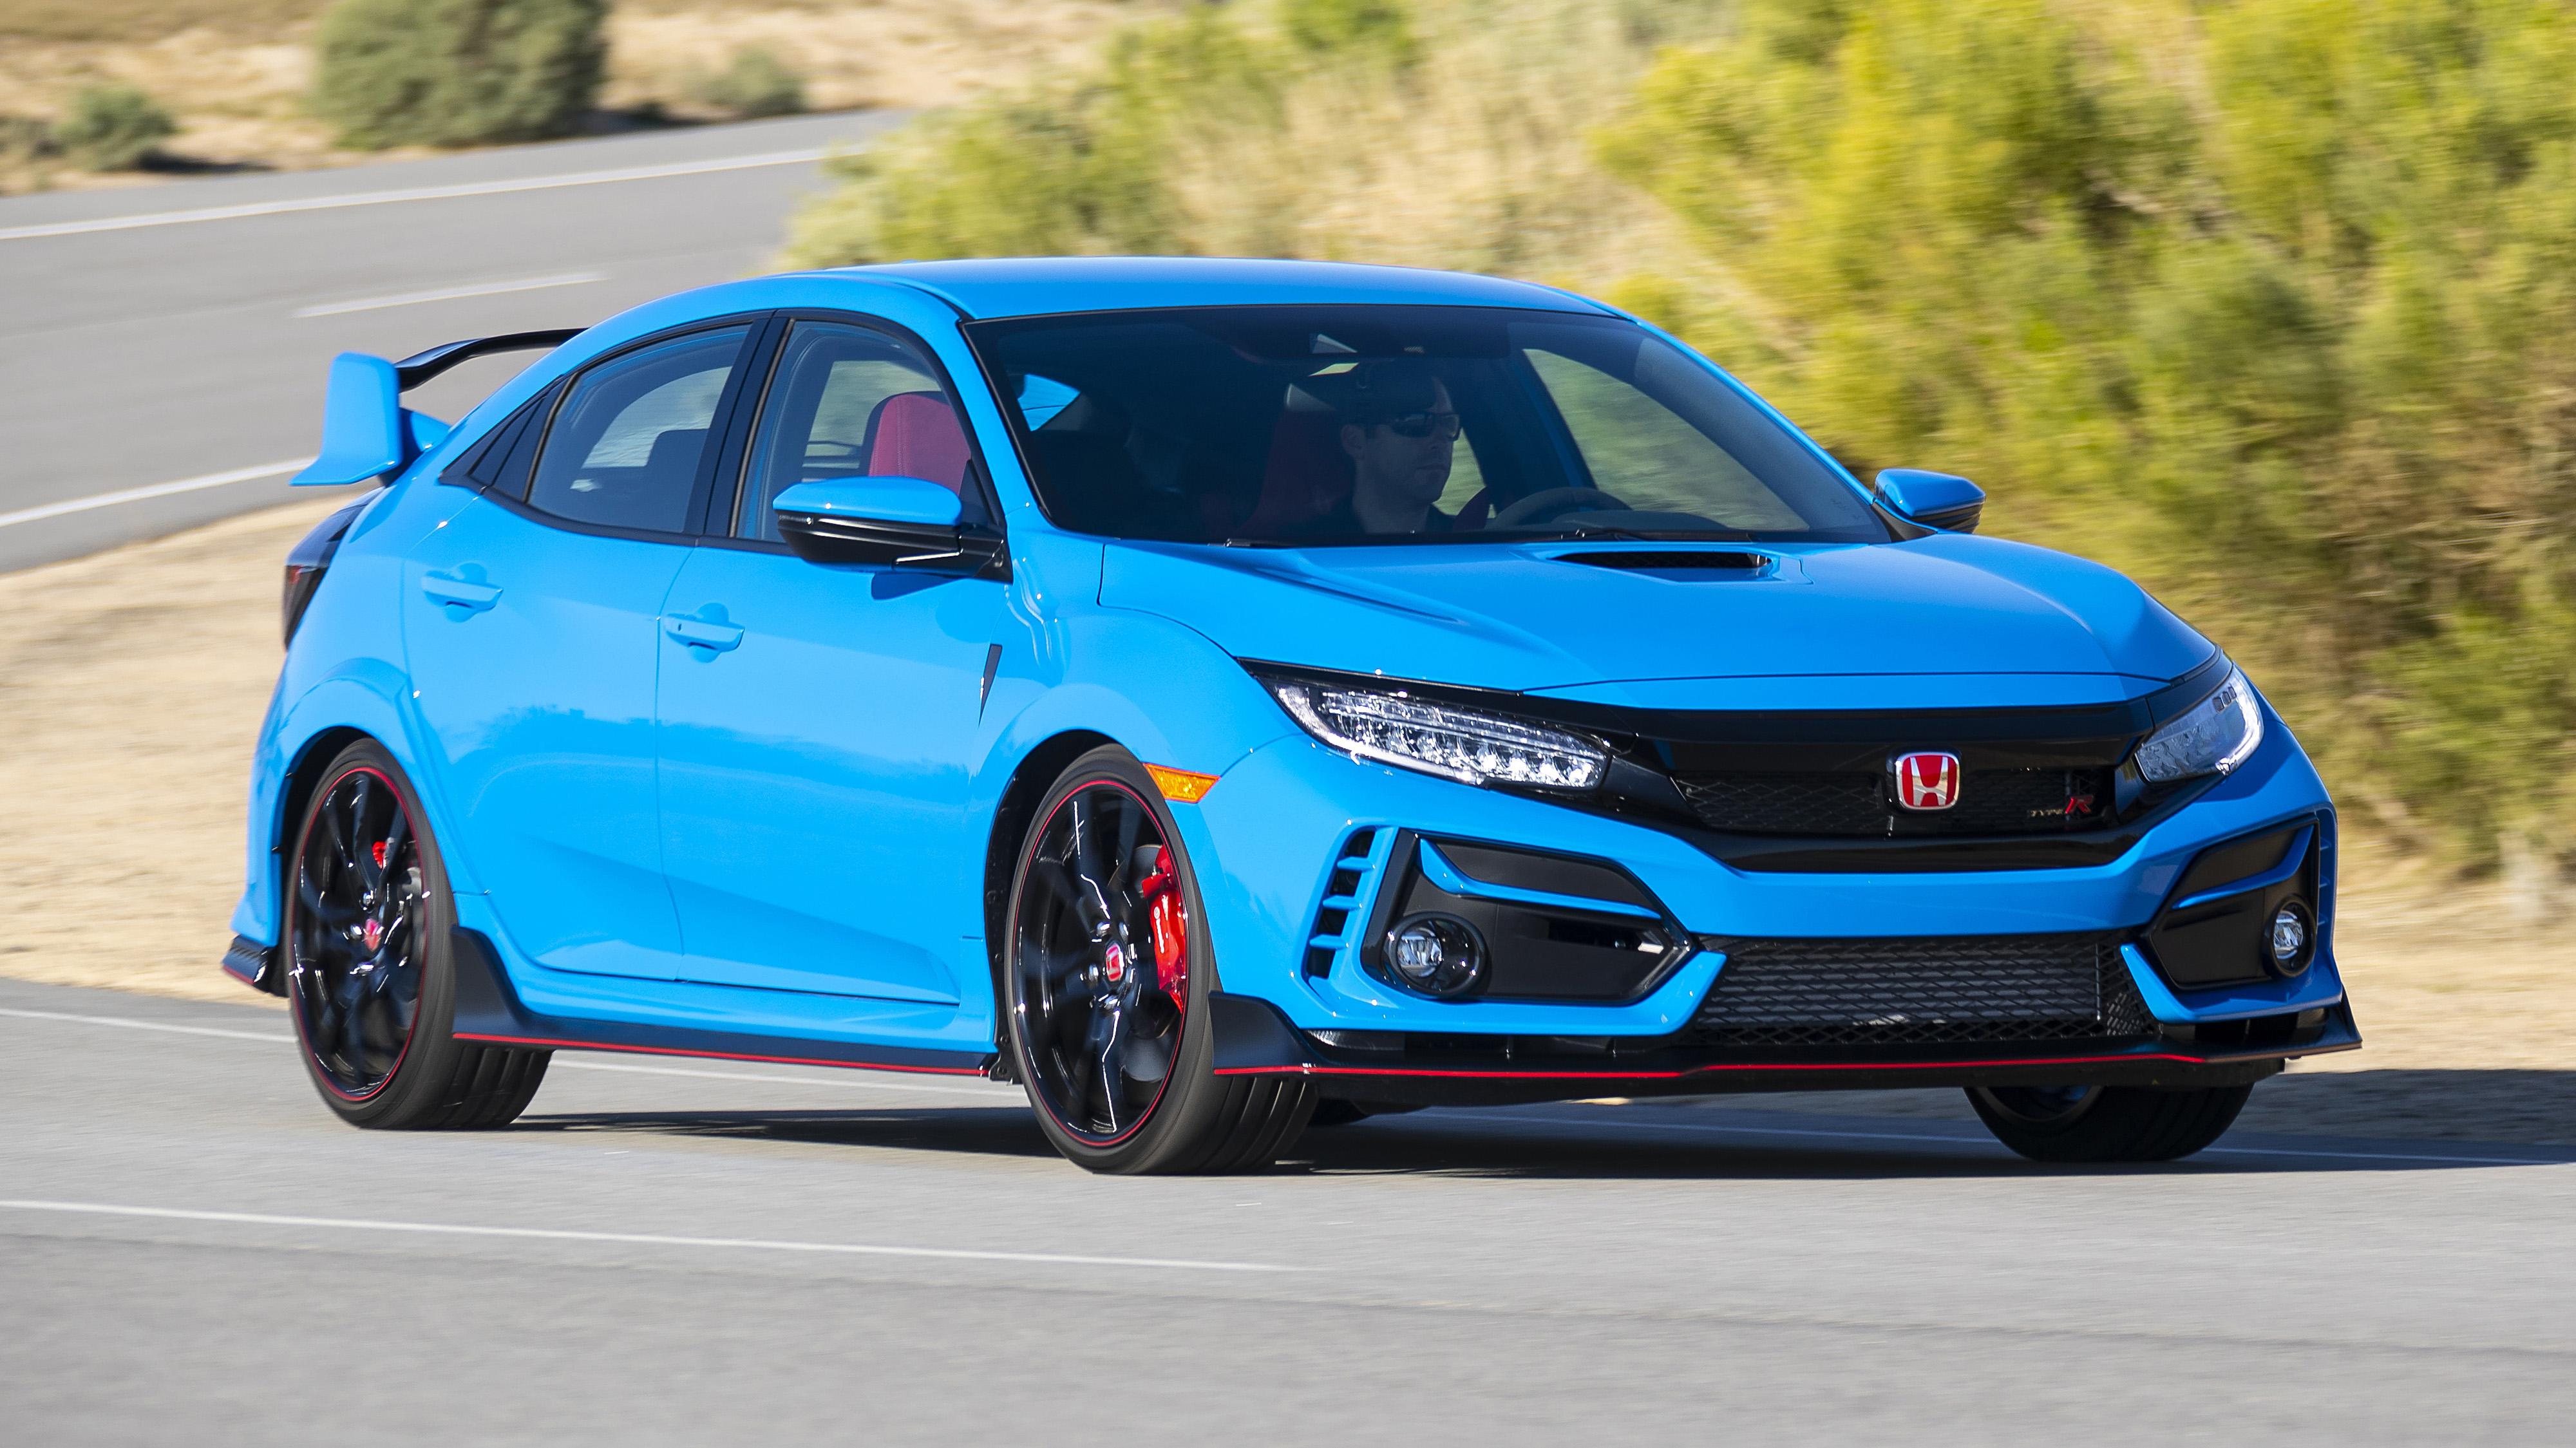 Kekurangan Honda Civic Typer Murah Berkualitas